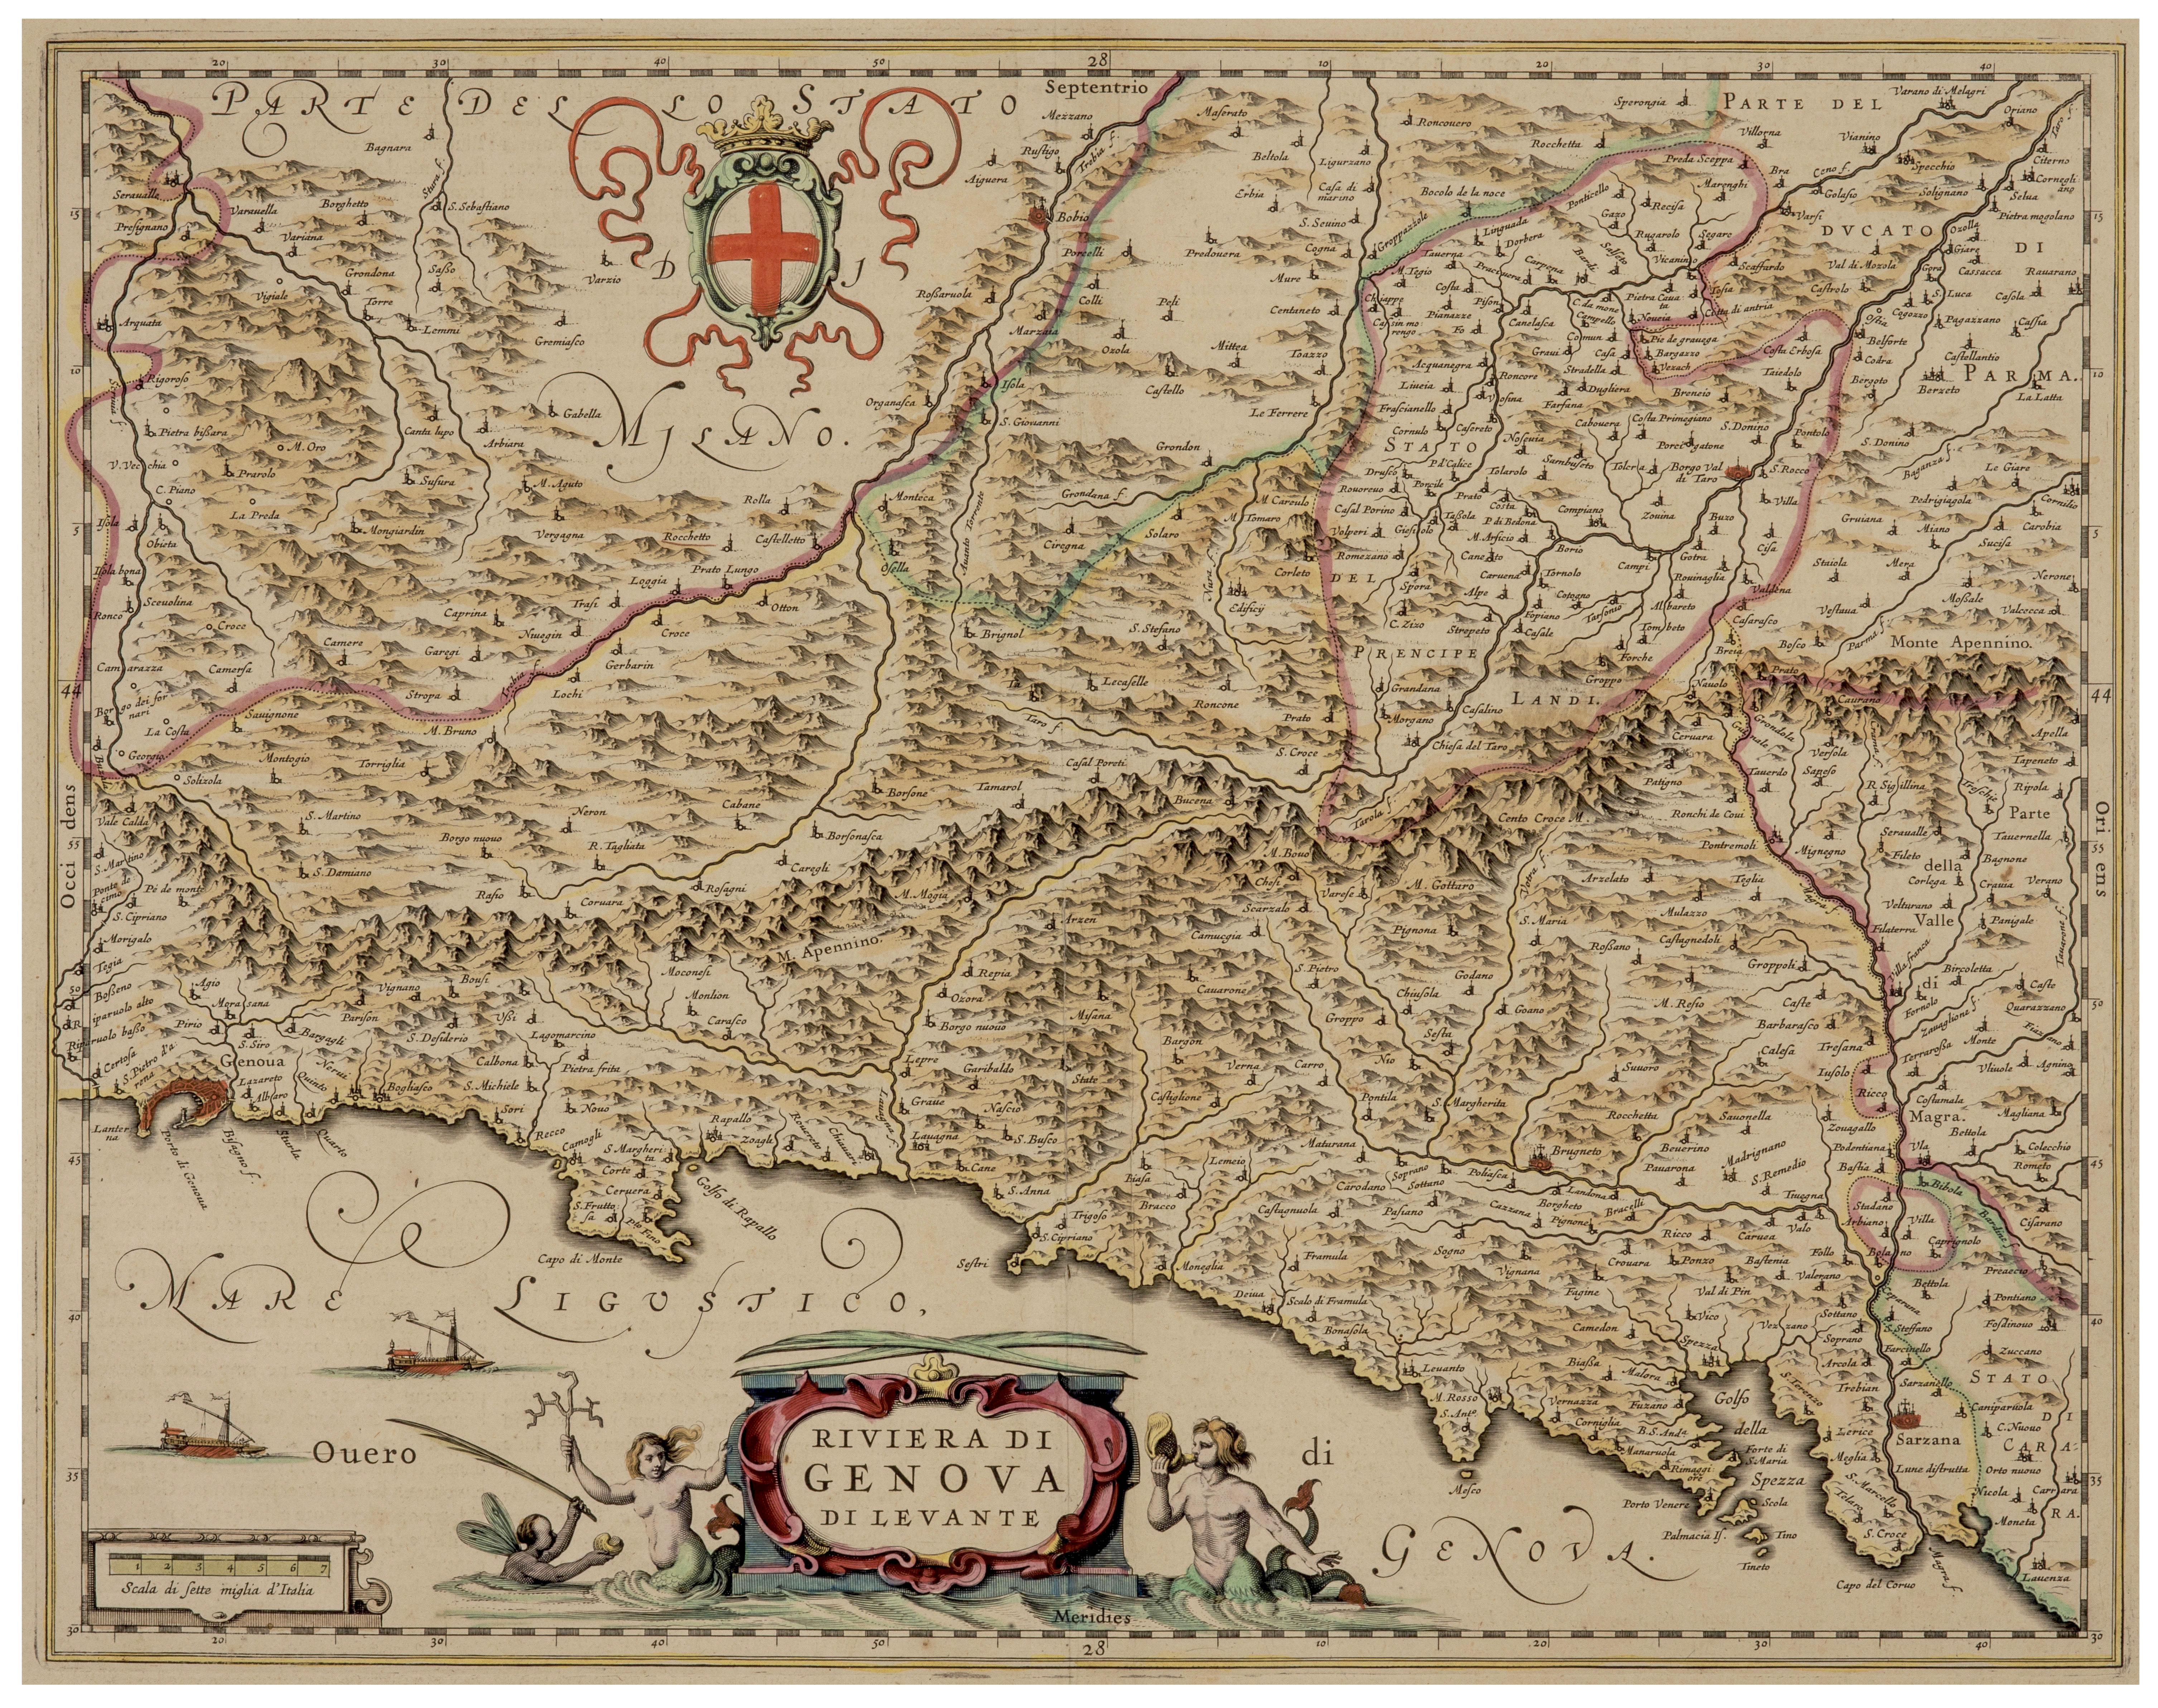 An Antique 17th-18th Century Map of Riviera Di Genova Di Levante, Italy